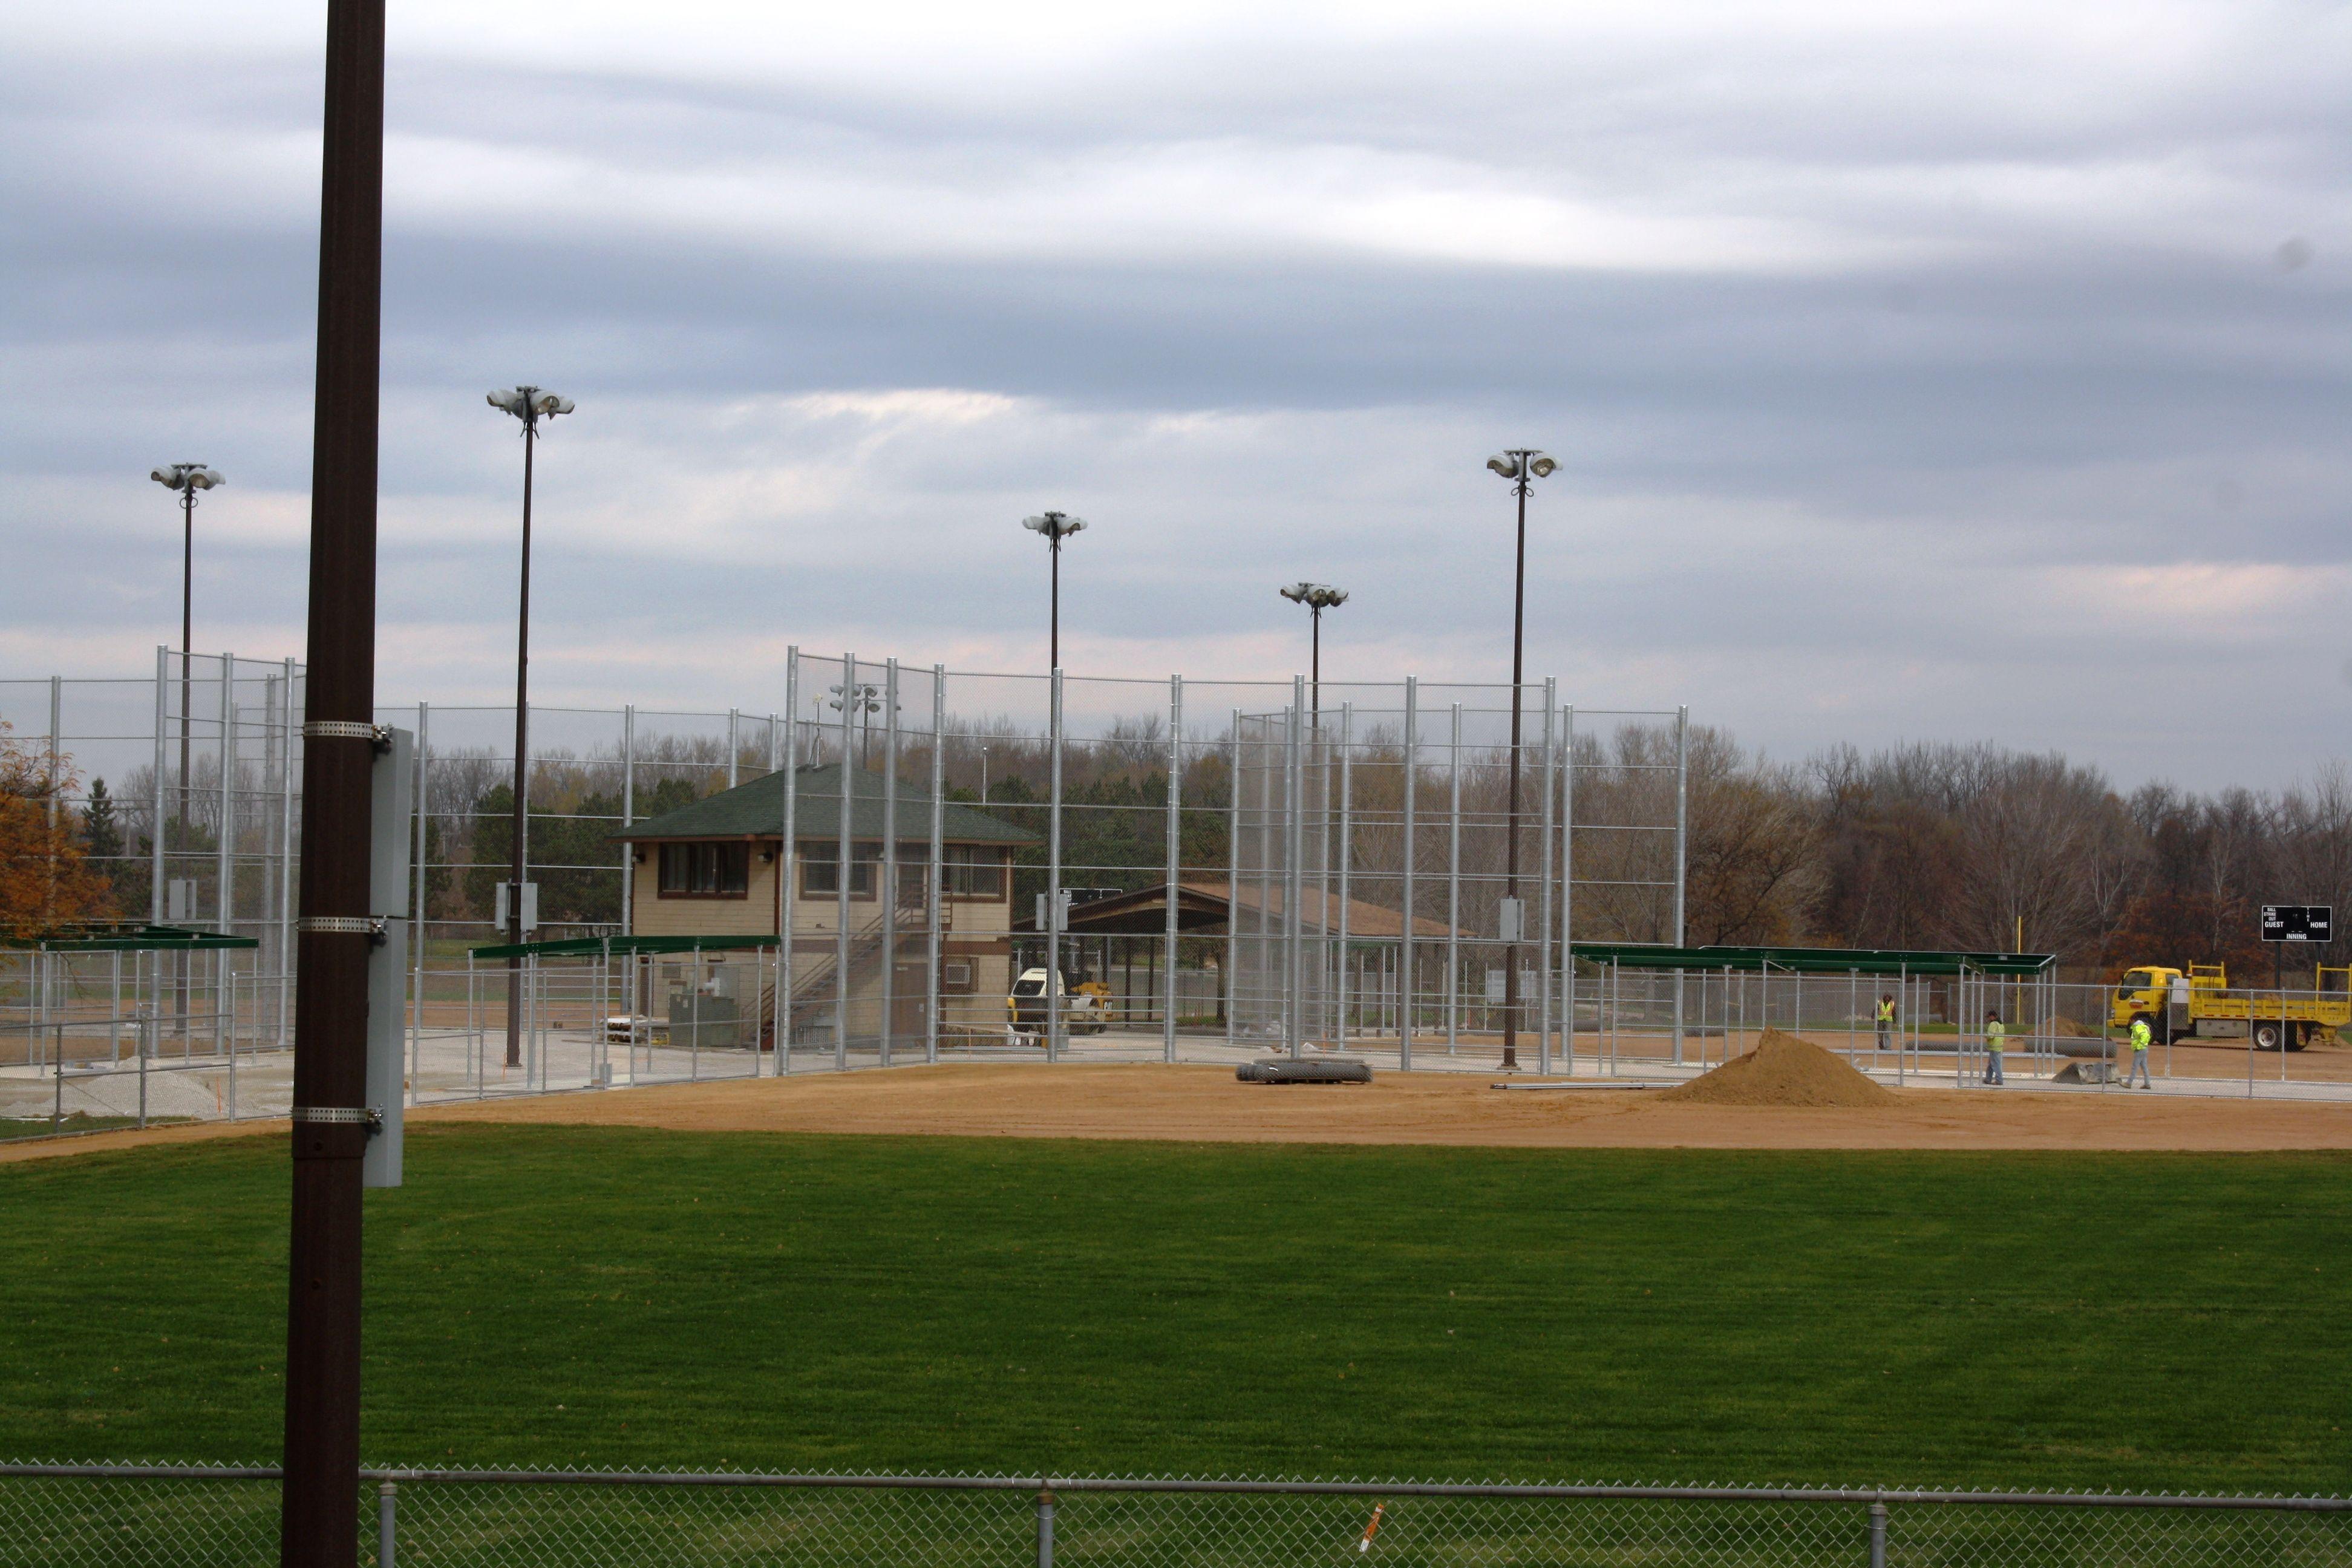 Fischer Fields At Lac Lavon Park Light Baseball Fields Burnsville Mn Dan Gustafson Minnesota Parks Park Baseball Field